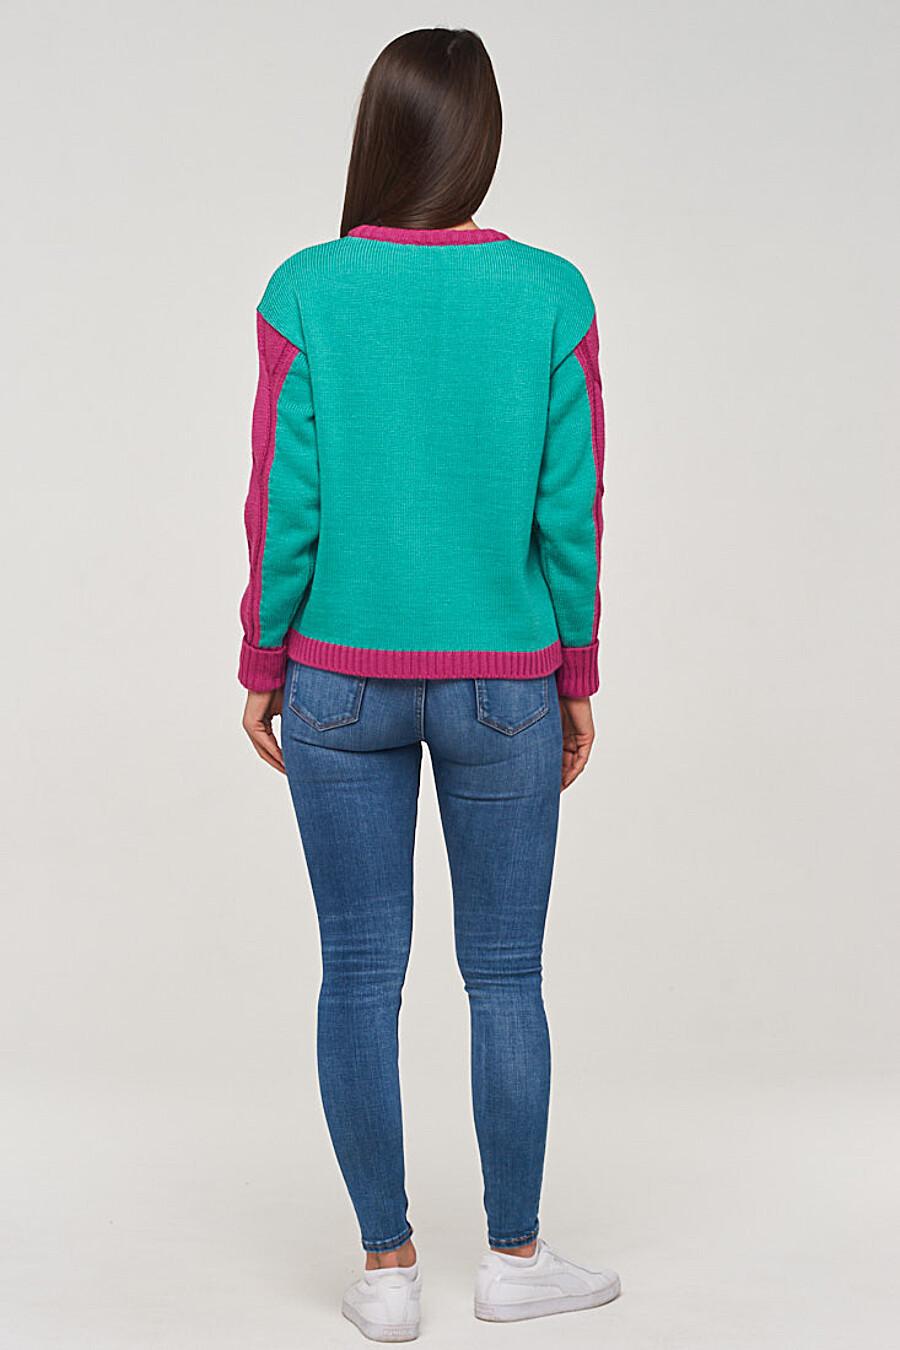 Джемпер для женщин VAY 155262 купить оптом от производителя. Совместная покупка женской одежды в OptMoyo